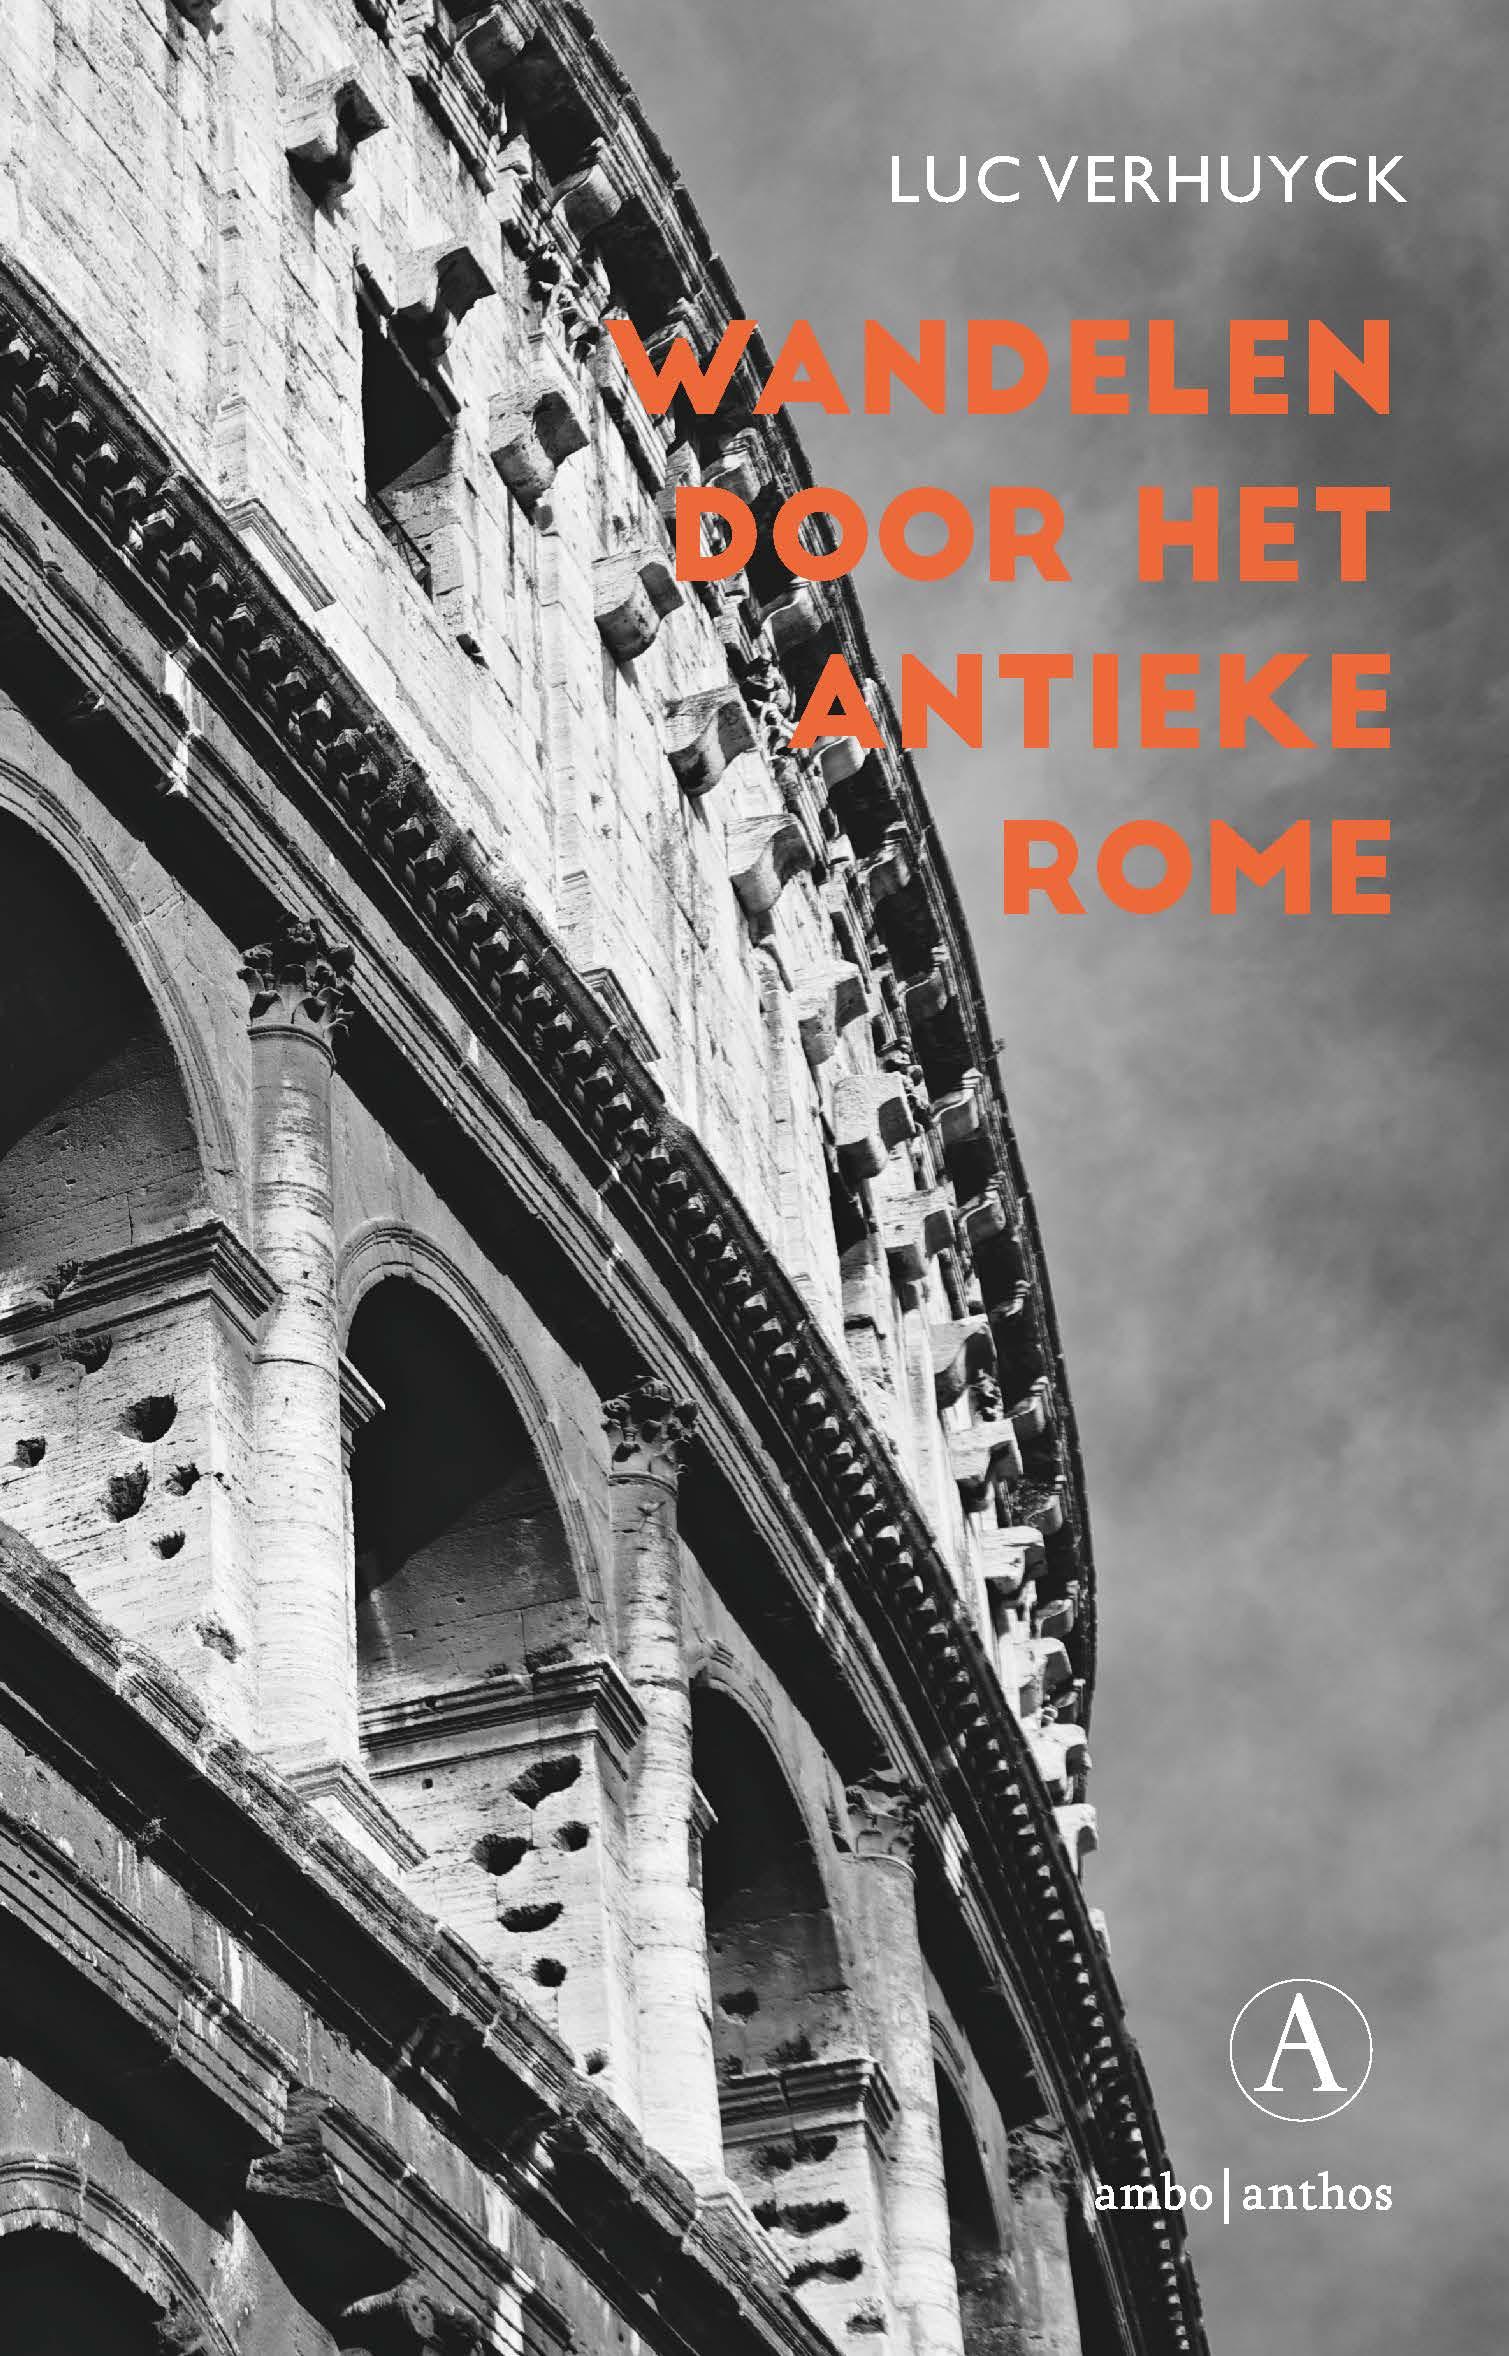 Wandelen door het antieke Rome – Luc Verhuyck